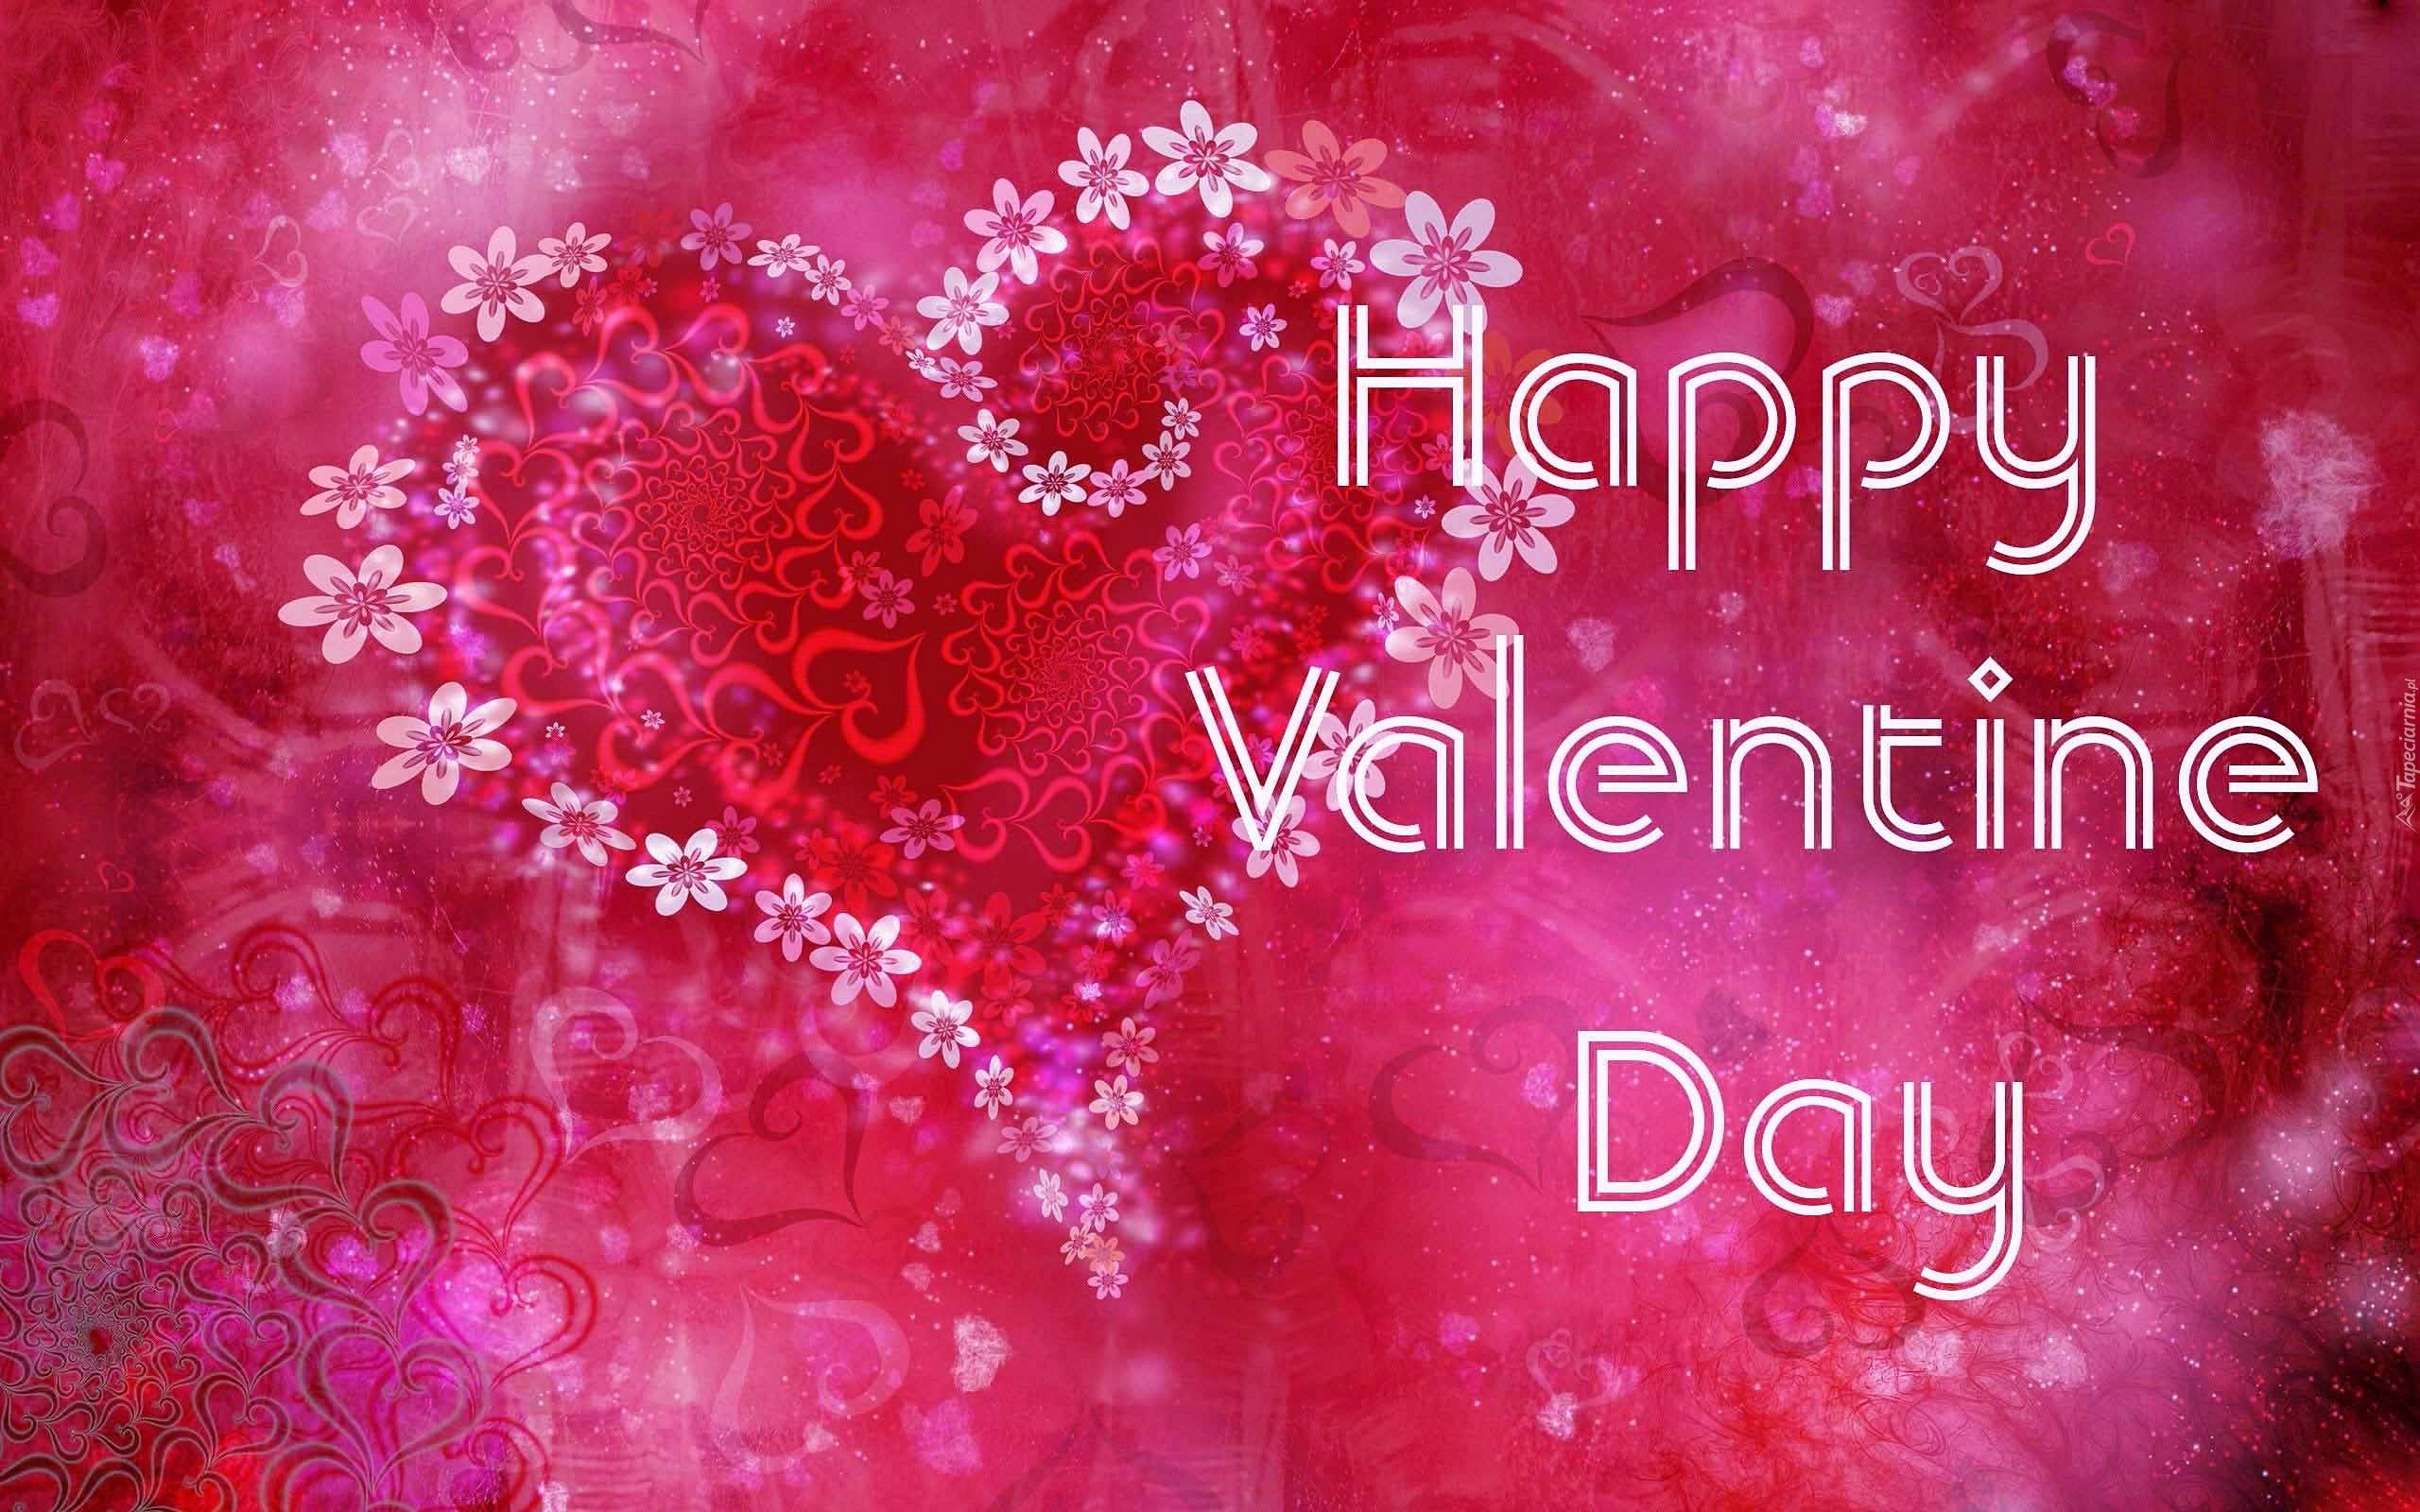 życzenia Walentynkowe: Walentynkowe życzenia Z Kwiatowym Serduszkiem